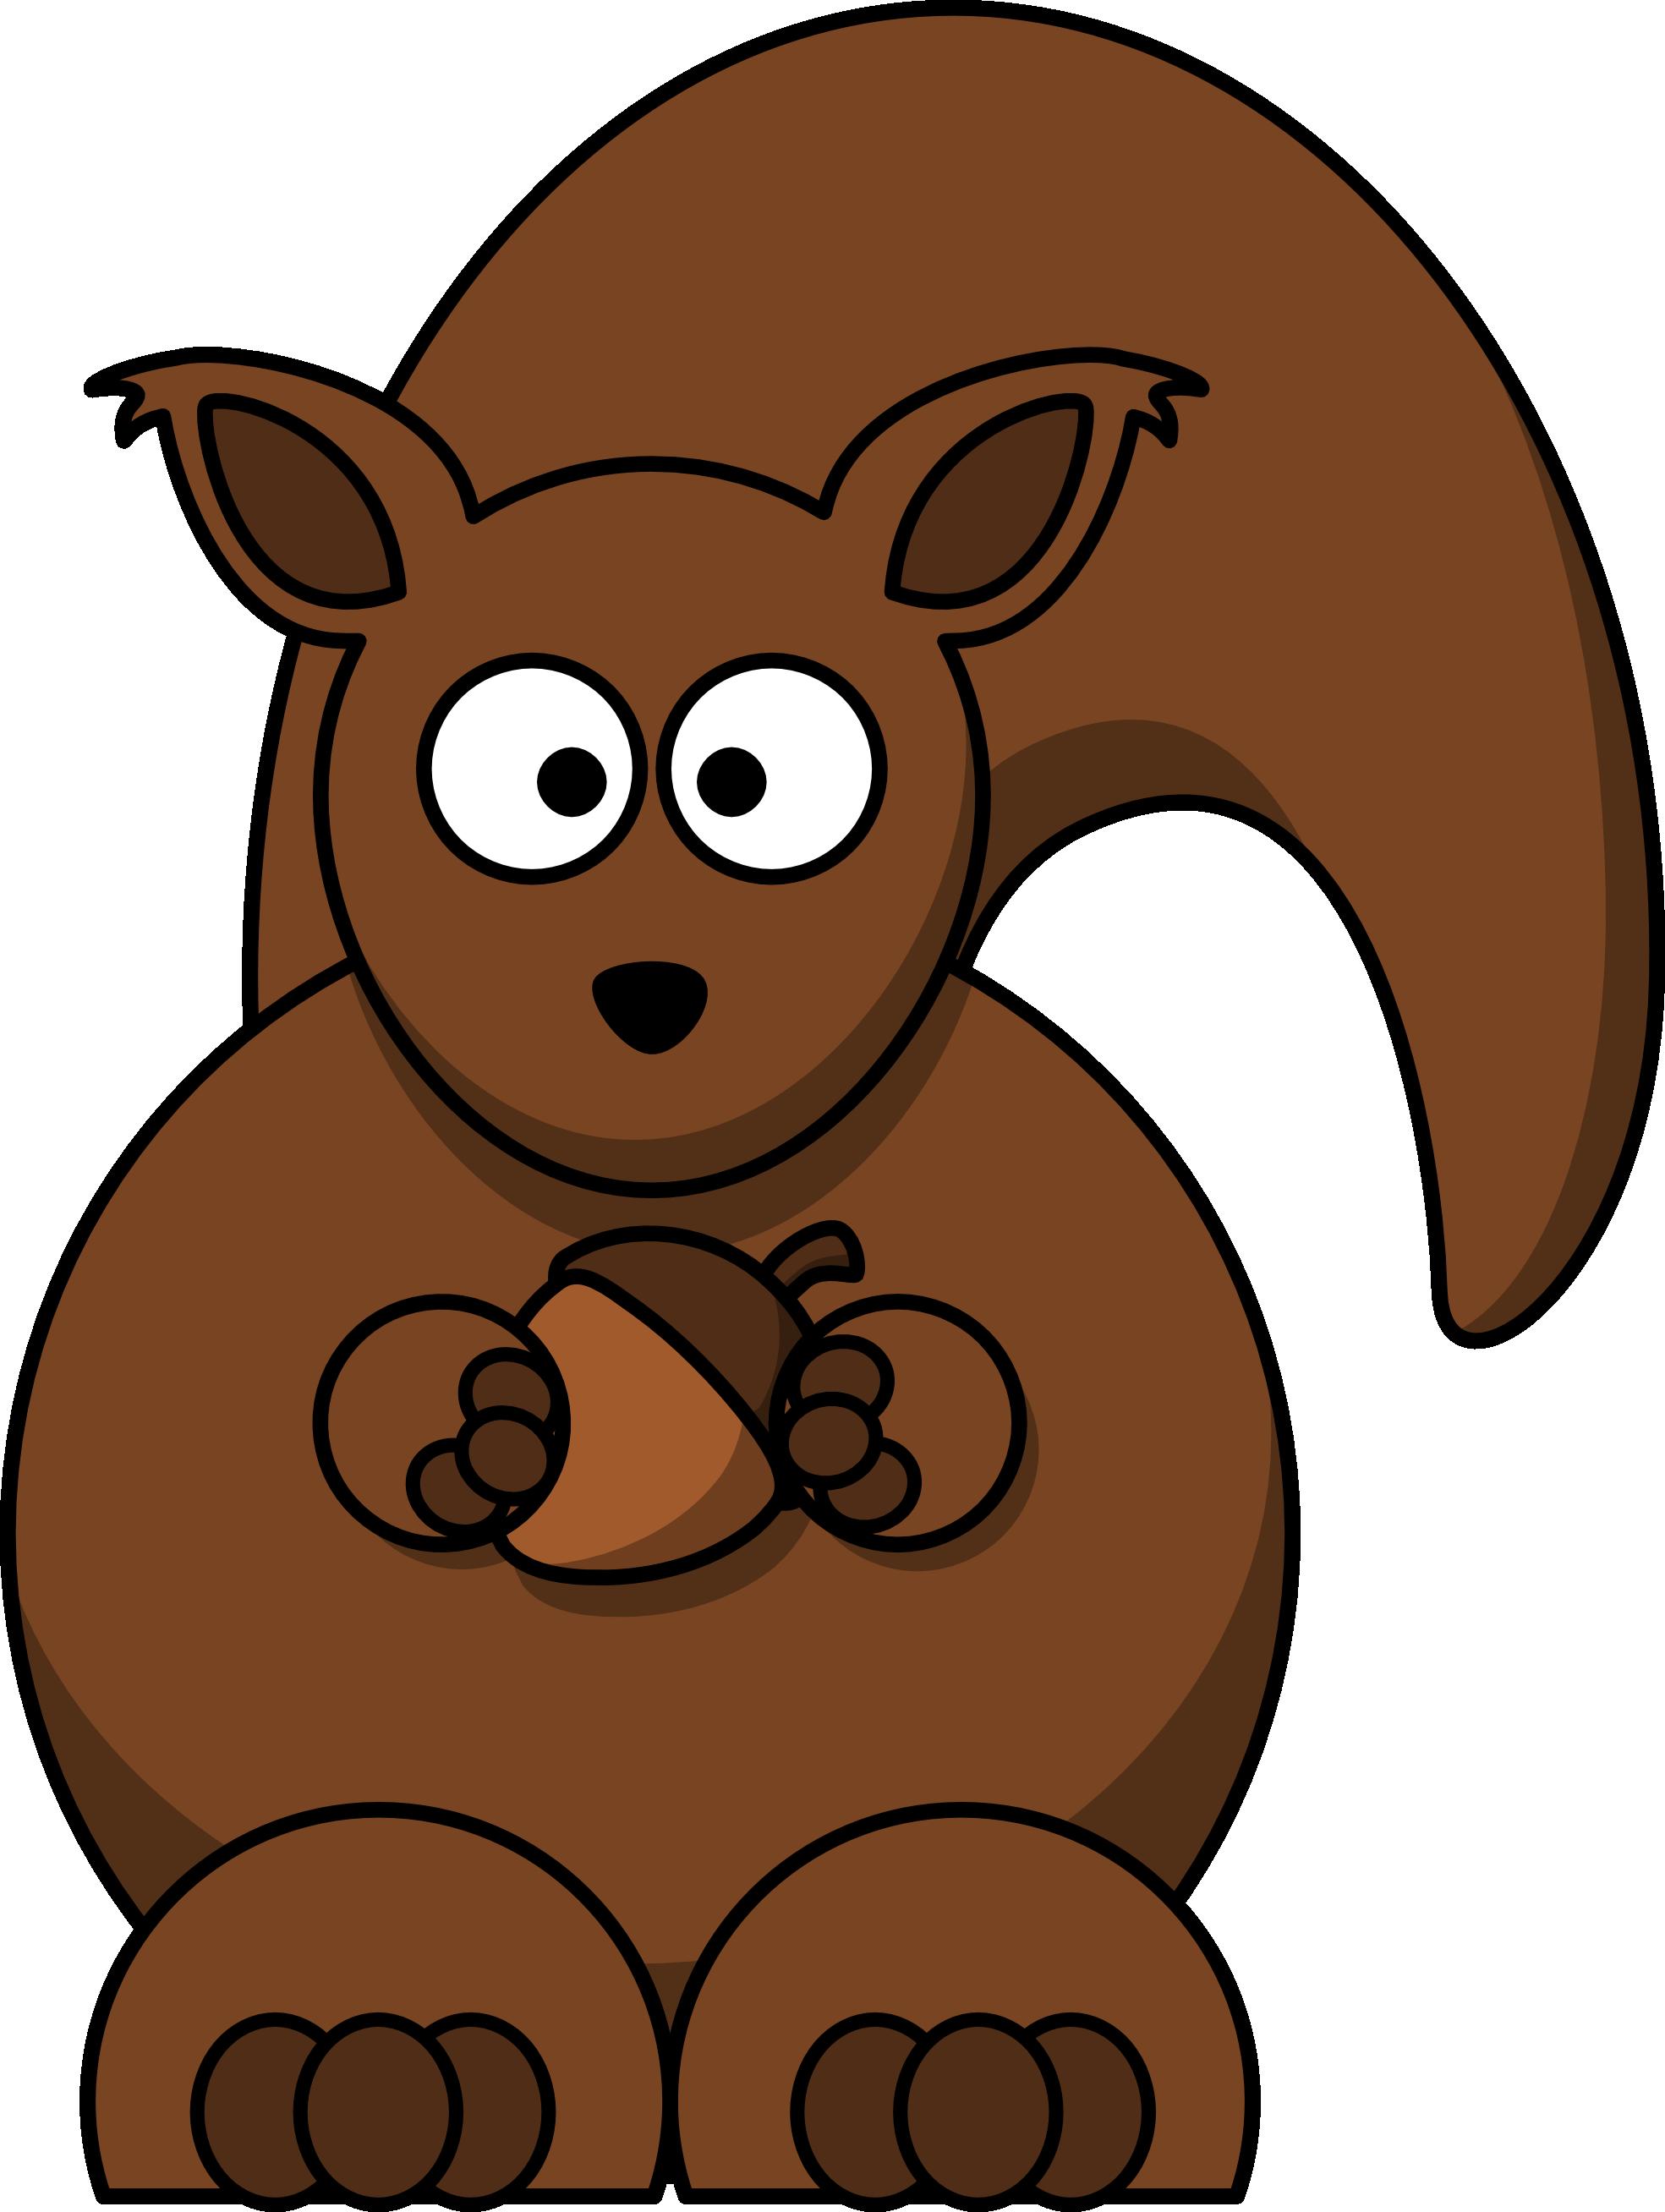 squirrel%20clipart